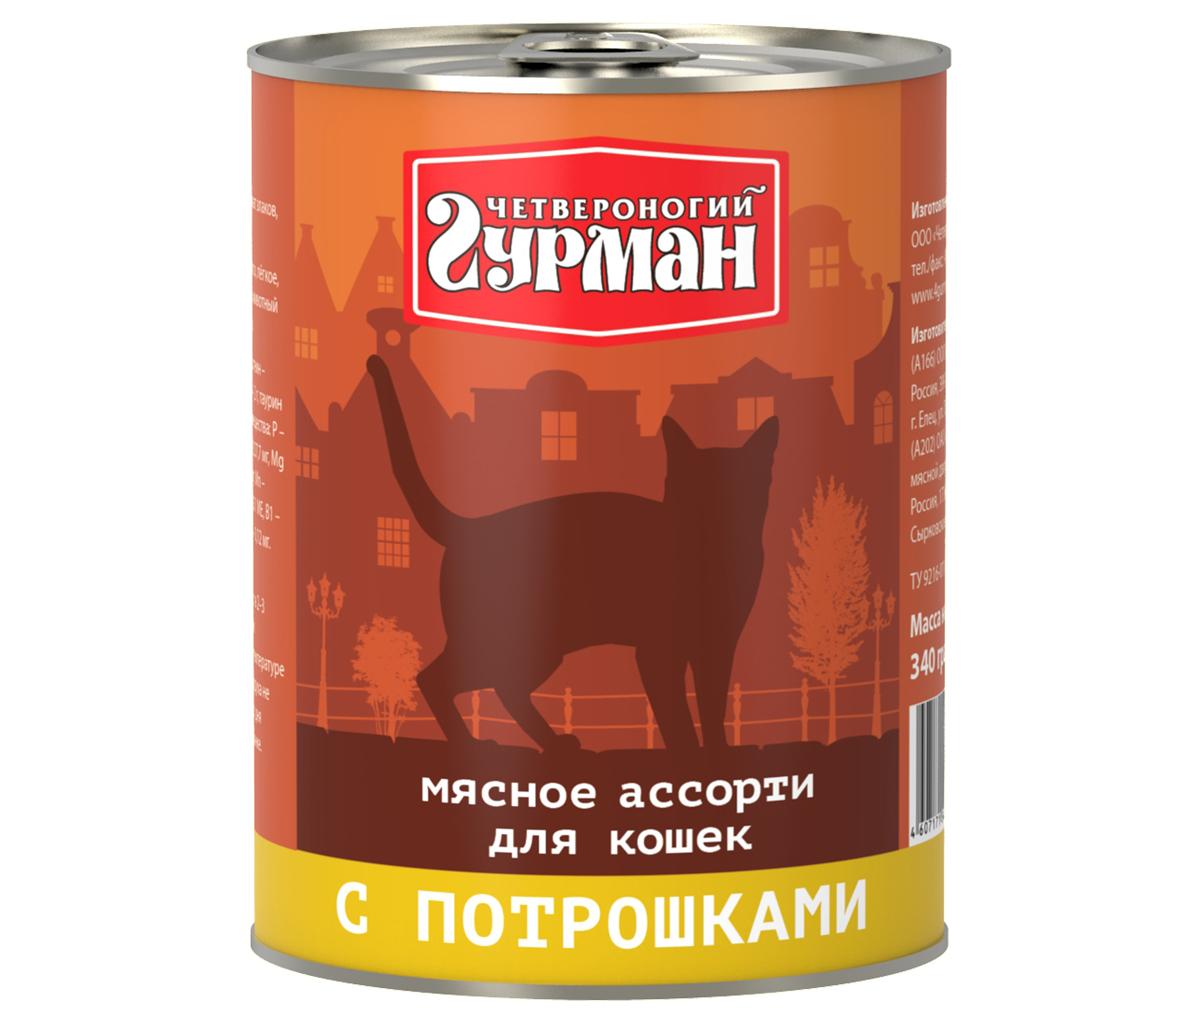 Консервы для кошек Четвероногий гурман Мясное ассорти, с потрошками, 340 г0120710Мясное ассорти - качественный мясной корм суперпремиум класса, состоящий из разных сортов мяса и качественных субпродуктов. Ведущая линейка торговой марки Четвероногий гурман. По консистенции продукт представляет собой кусочки из фарша размером 3-15 мм.В состав входит коллаген. Его компоненты (хондроитин и глюкозамин) положительно воздействуют на суставы питомца. Корм не содержит злаков и овощей.Состав: сердце (14%), рубец (14%), куриное мясо, легкое, желудок, печень, коллагенсодержащее сырьё, животный белок, масло растительное, таурин, соль, вода.Вес: 340 г. Товар сертифицирован.